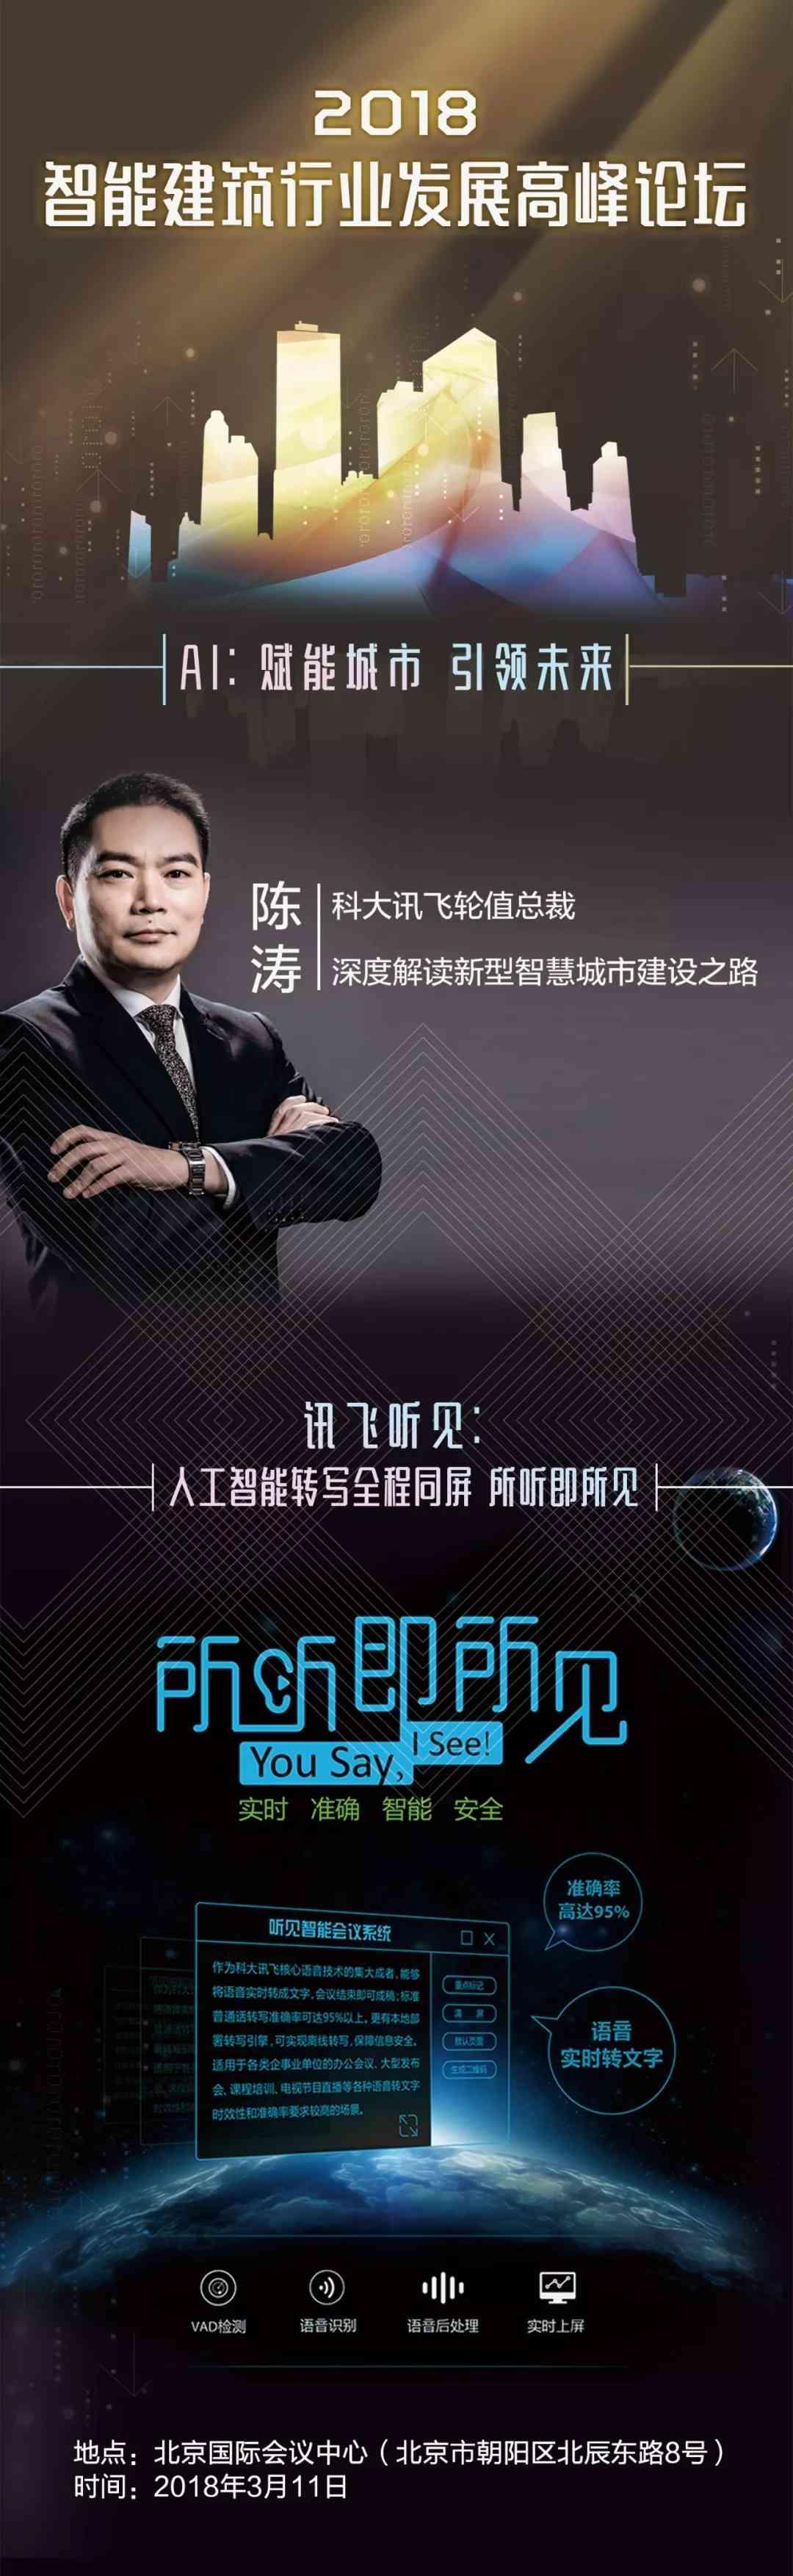 讯飞智元与您相约北京2018智能建筑行业发展高峰论坛!